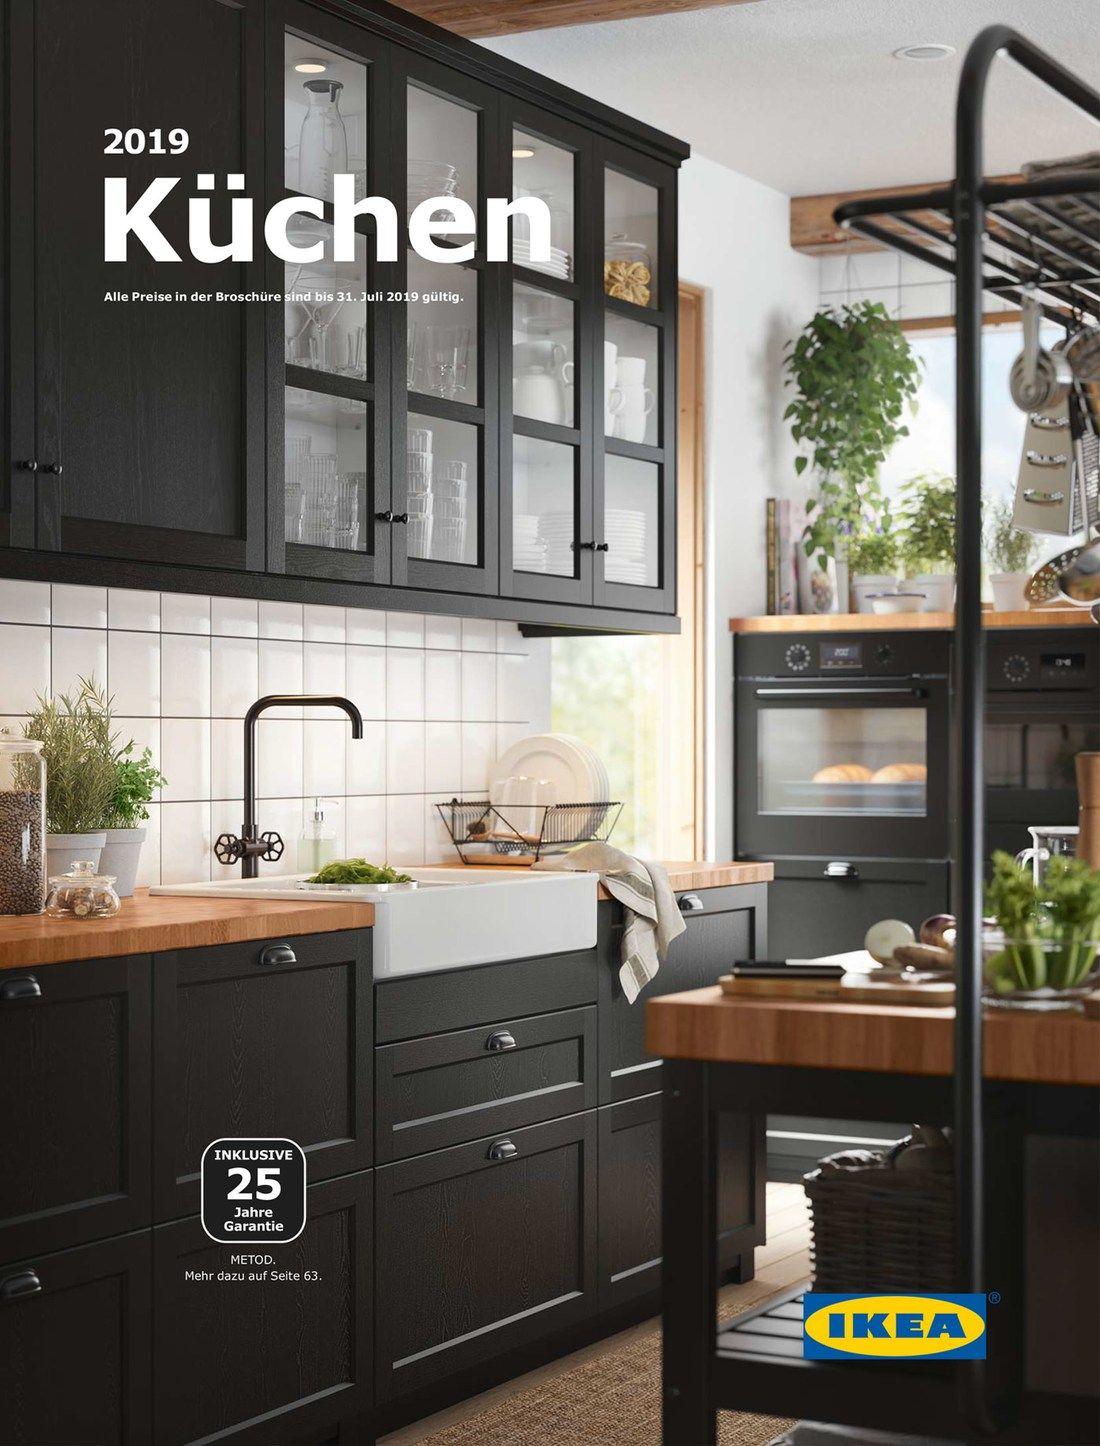 Katalog für 18  Küchen möbel, Küchen design, Küchendesign